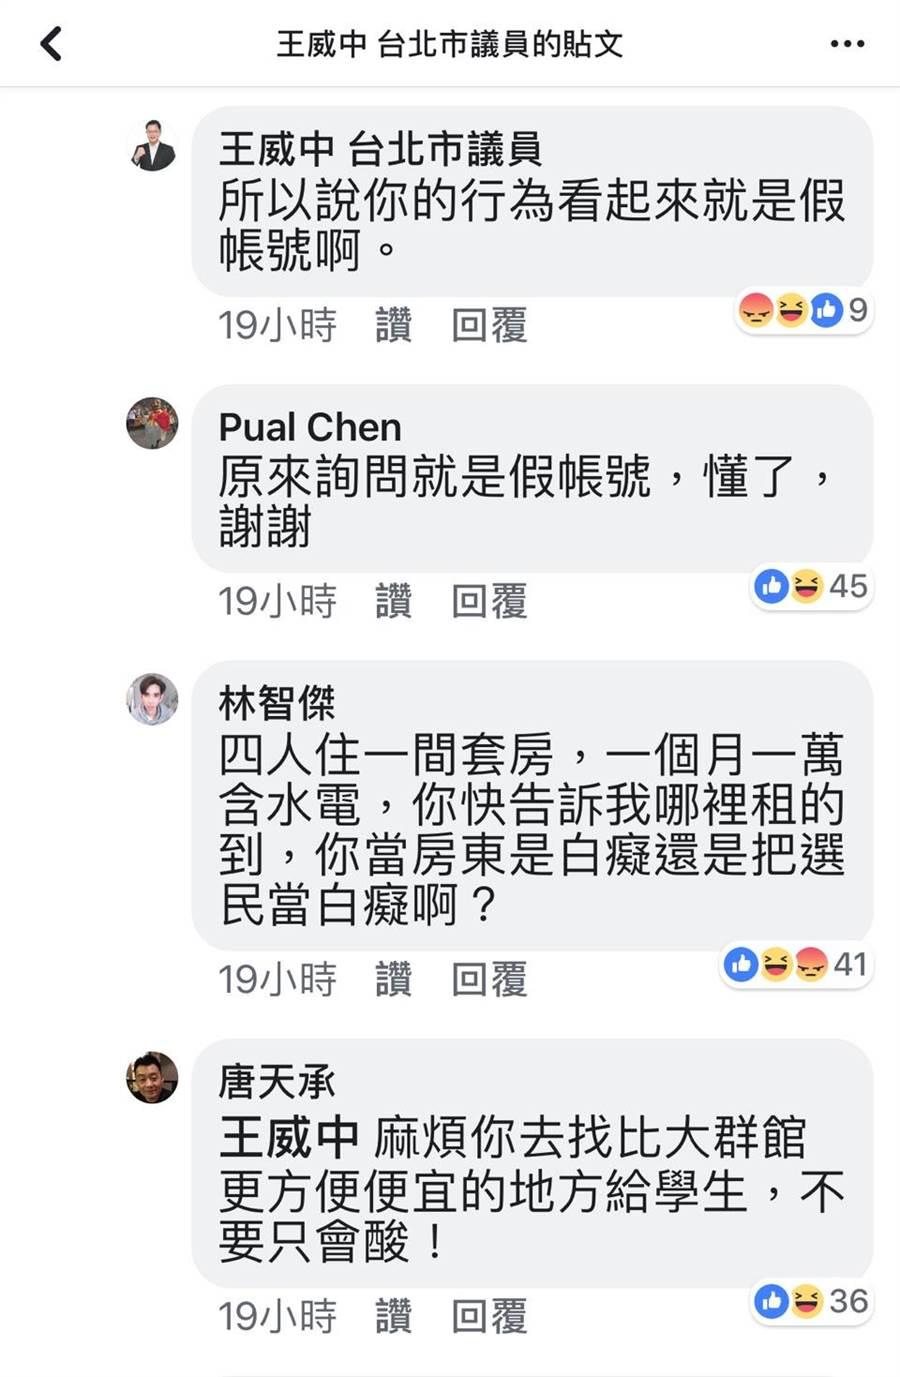 王威中並嗆發言的網友是「假帳號」,其他網友再回覆「四人住一間套房,一個月一萬含水電,你快告訴我哪裡租的到,你當房東是白癡還是把選民當白癡啊?」王威中則沒有做回應。(王威中臉書)